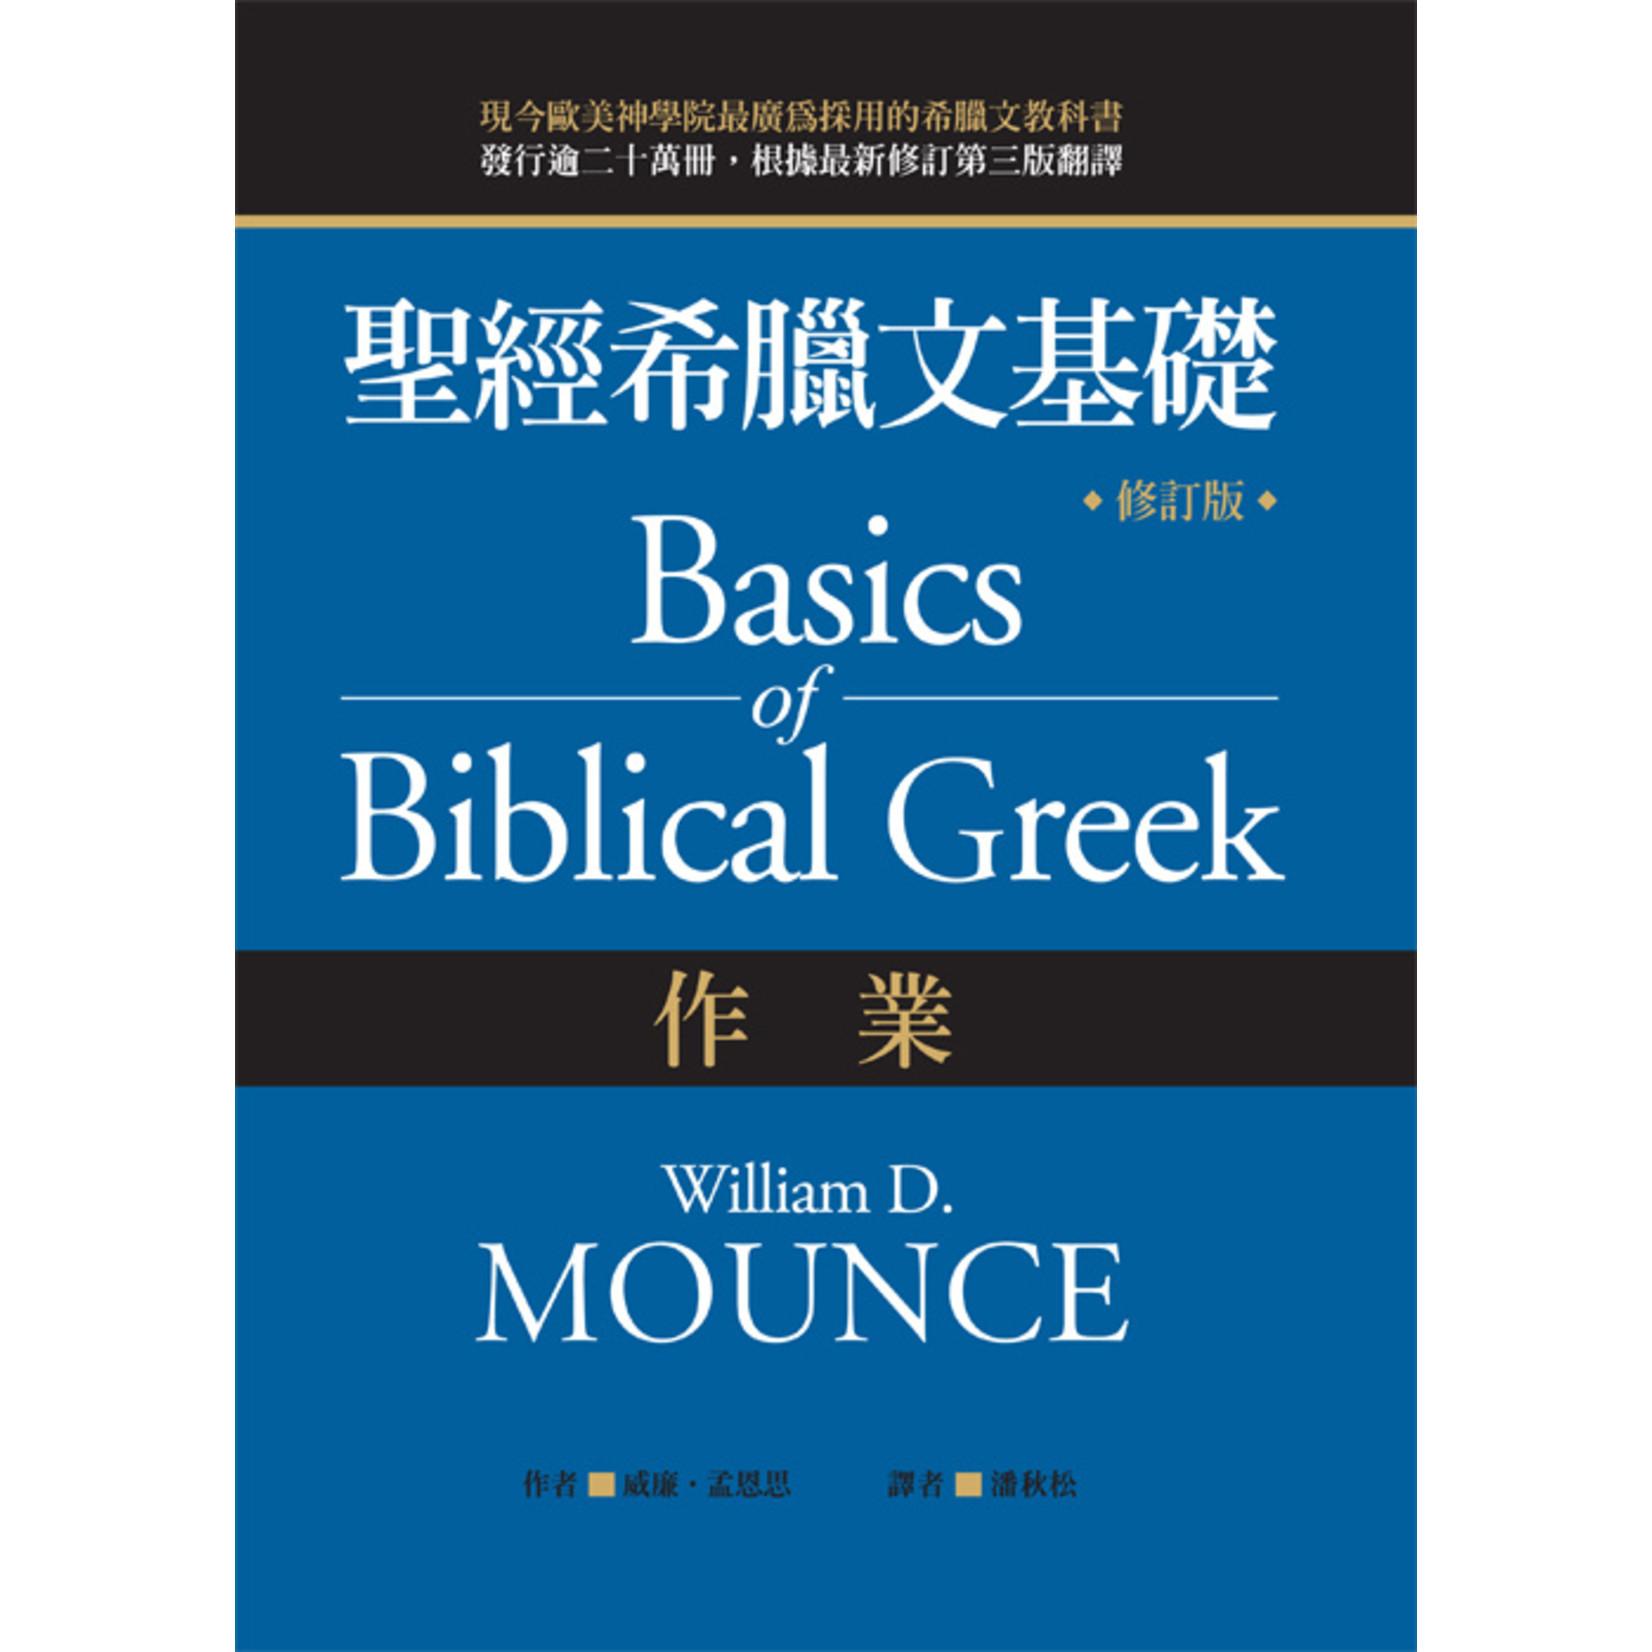 美國麥種傳道會 AKOWCM 聖經希臘文基礎:作業(修訂版)(繁體) Basics of Biblical Greek Workbook (Third Edition)